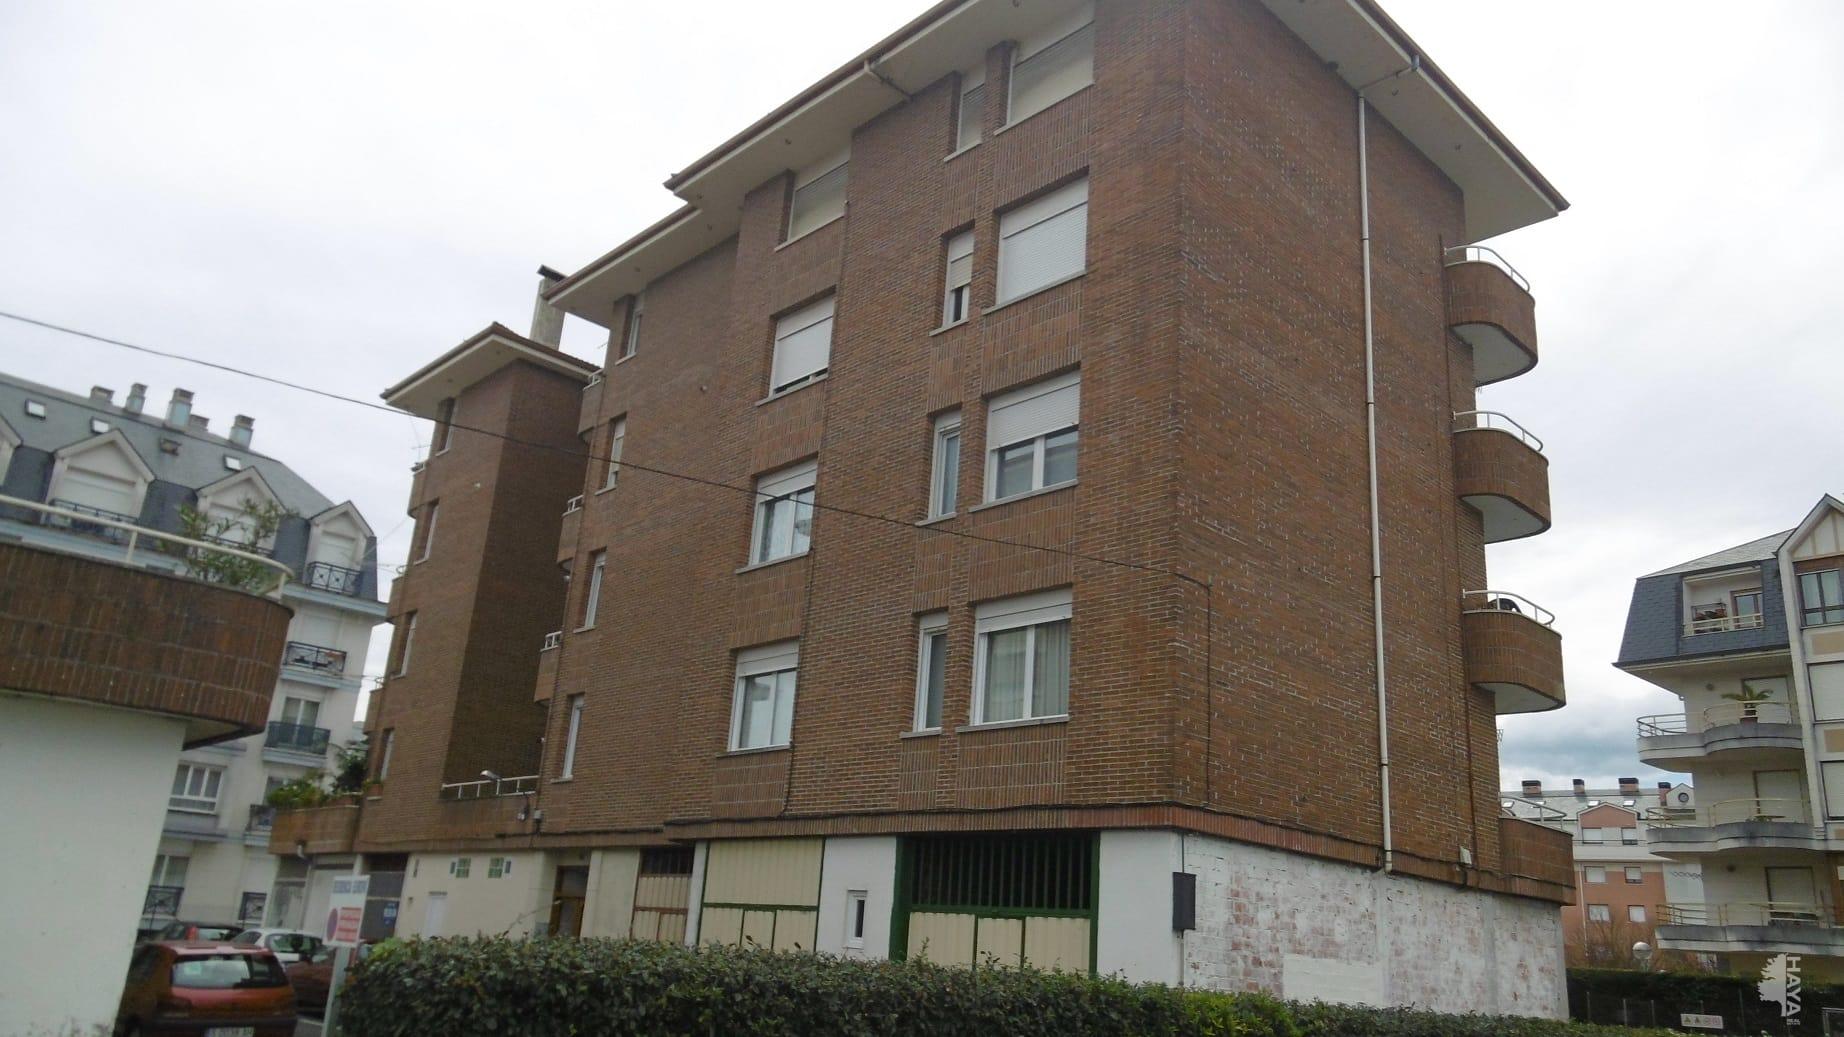 Local en venta en Colindres, Cantabria, Calle Sol, 27.200 €, 27 m2